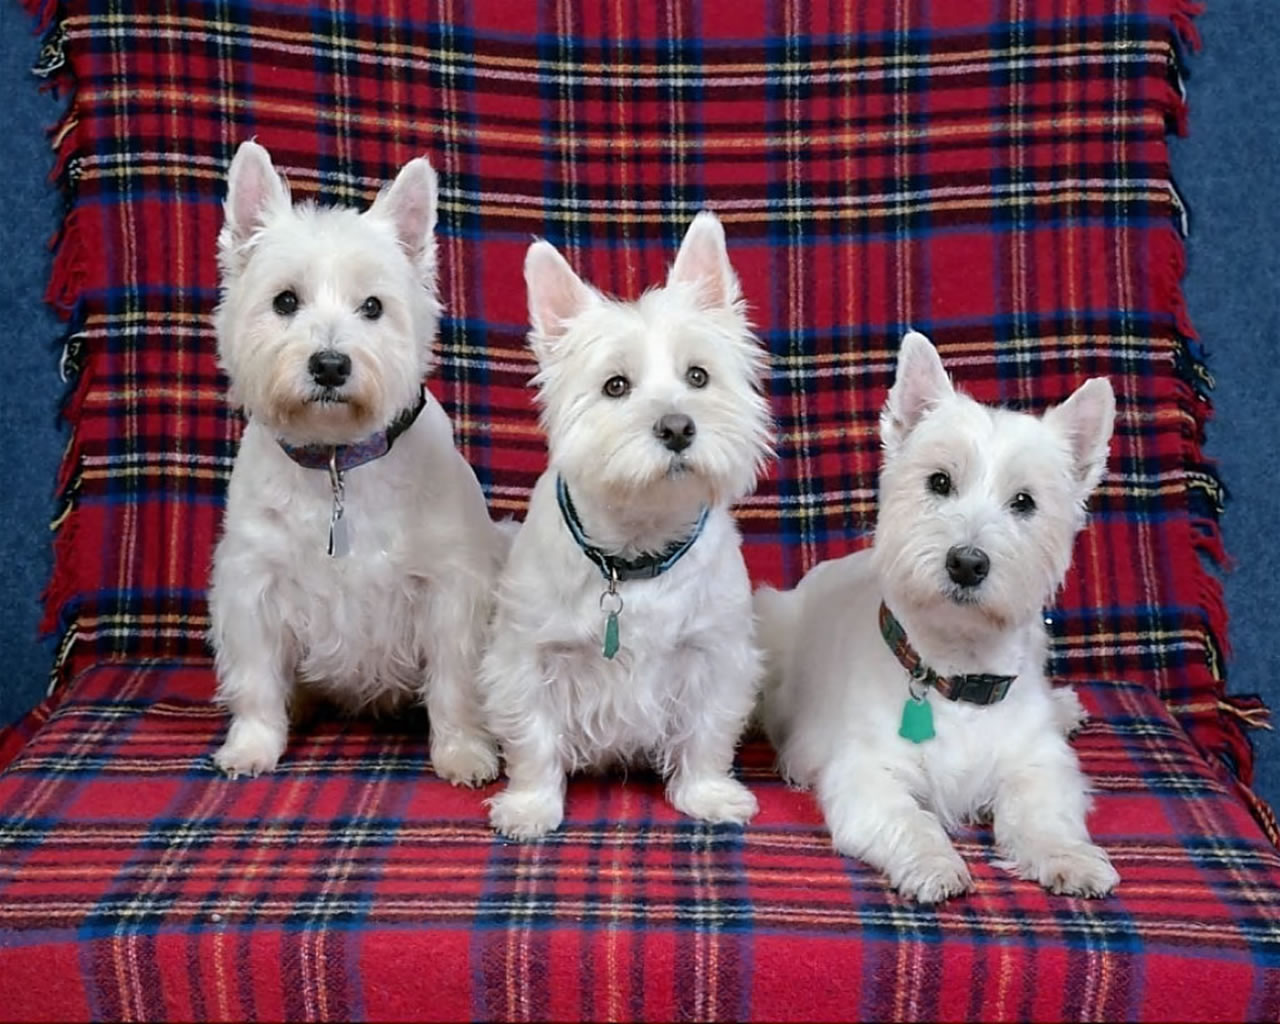 download wallpaper: drie hondjes op de bank wallpaper